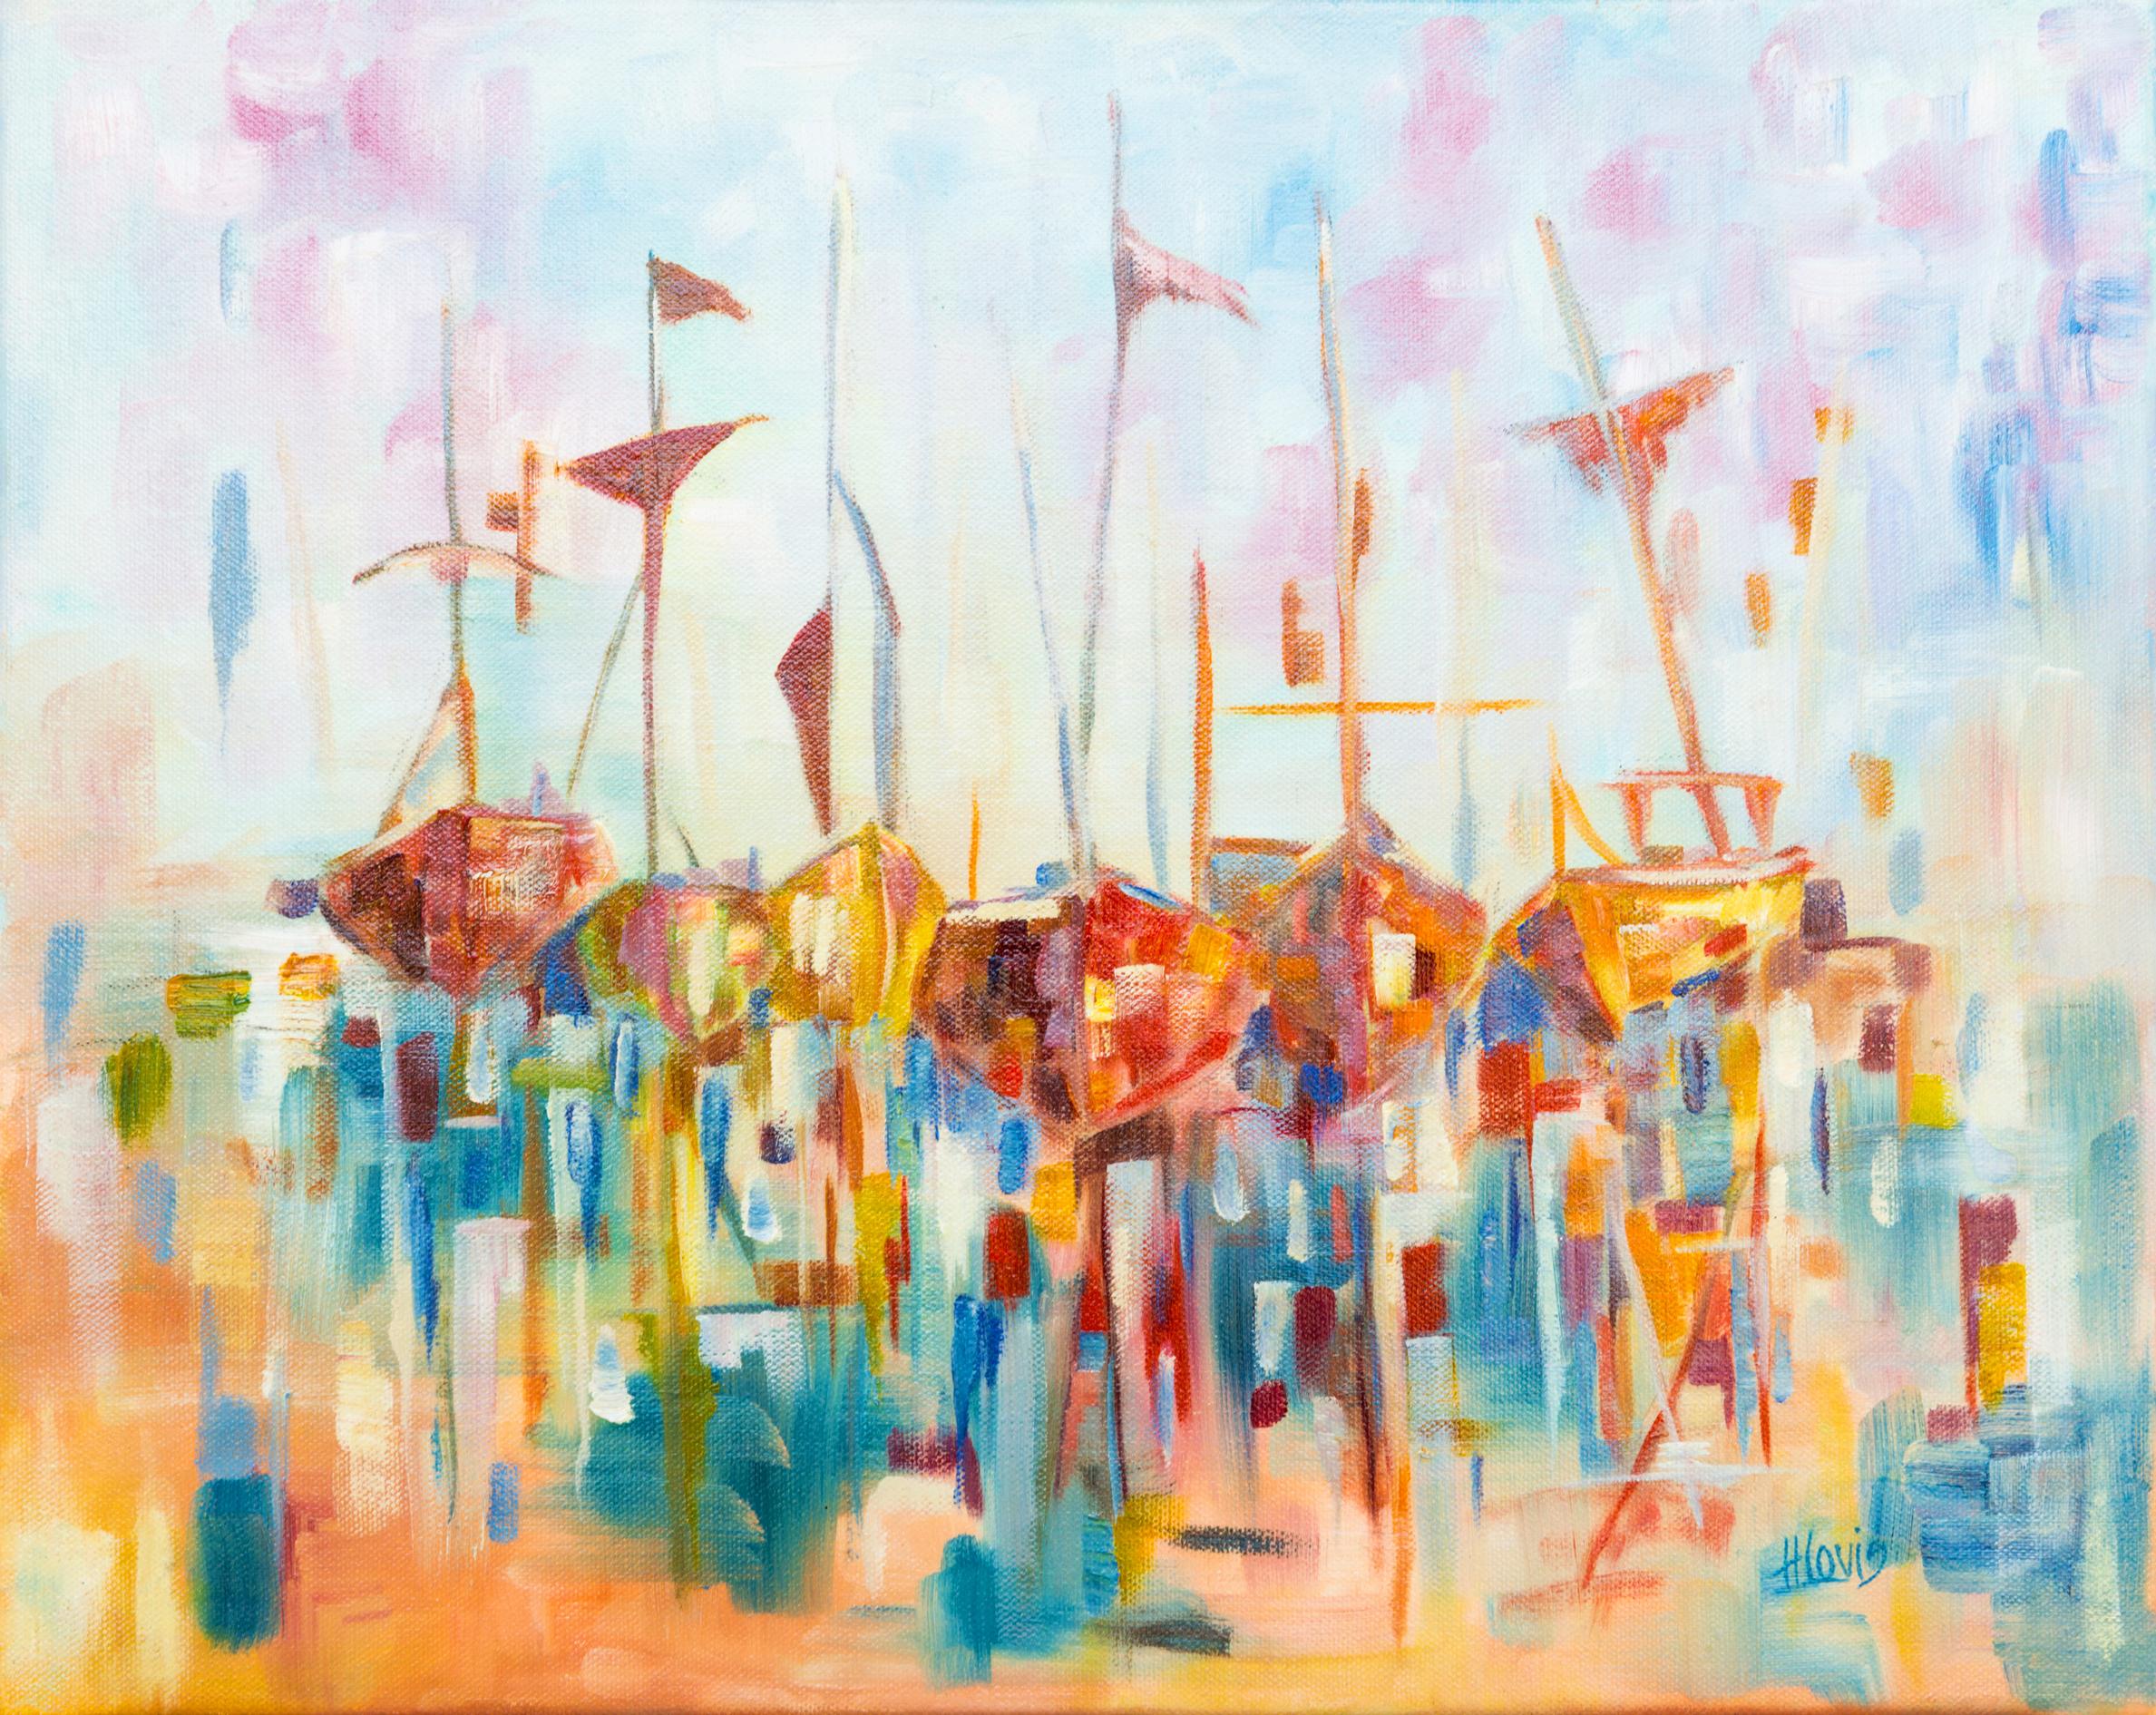 Honor Denby_Sailing_Oil on Canvas_60x45cm.jpg